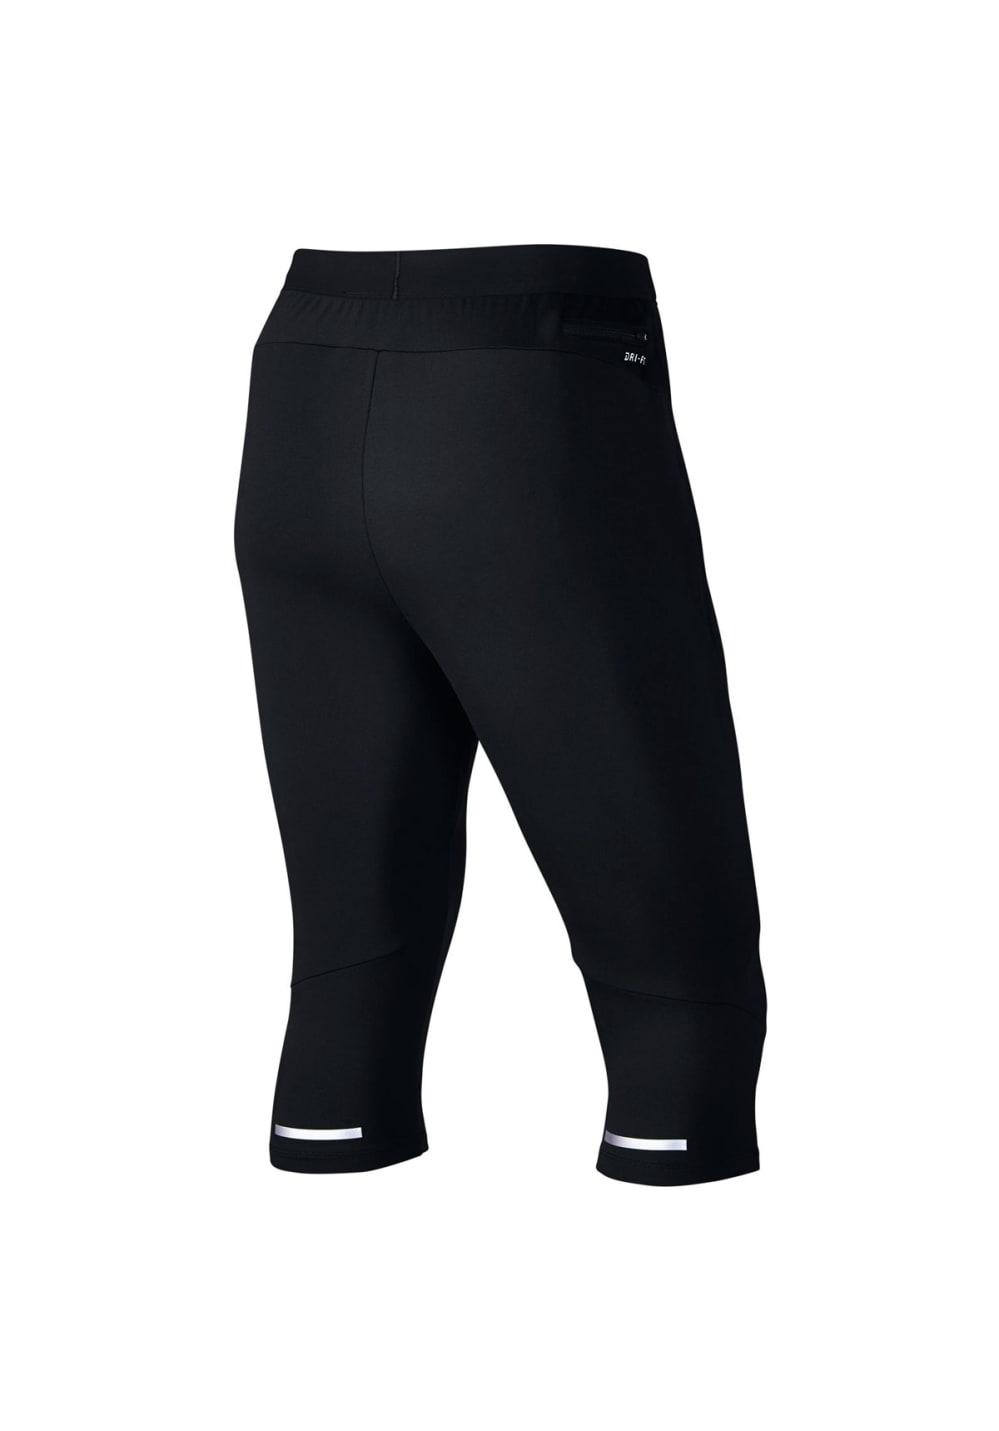 Nike Dry Phenom Running Pants - Laufhosen für Herren - Schwarz, Gr. XL